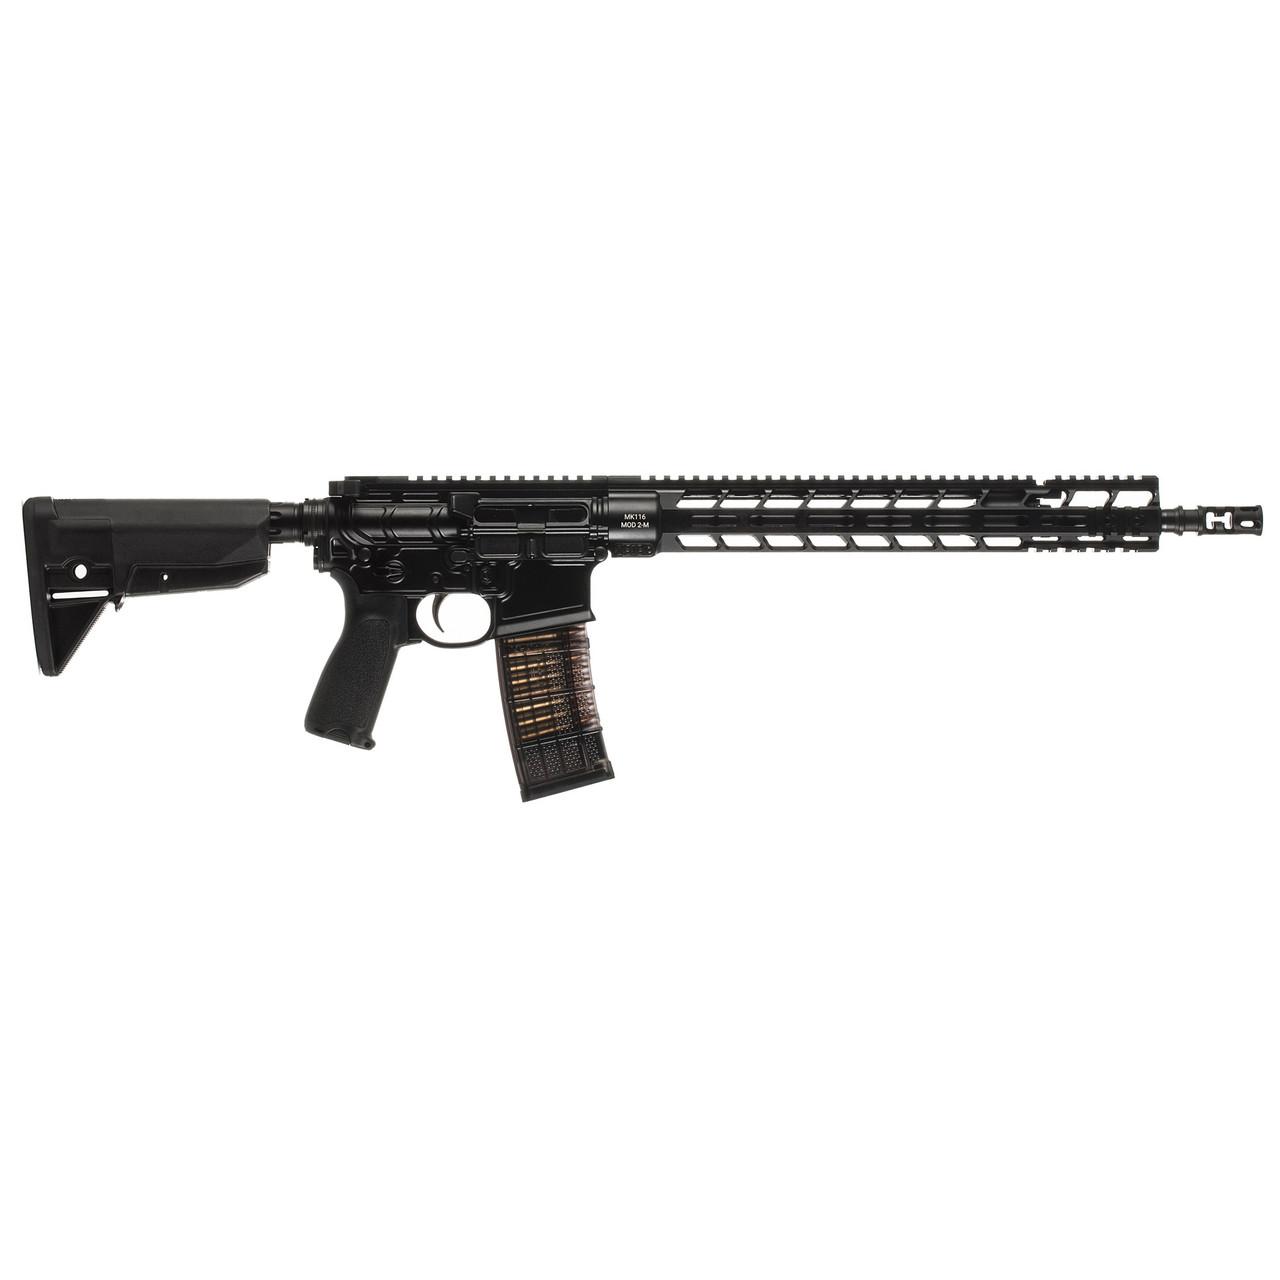 PWS MK116 MOD 2-M CALIFORNIA LEGAL - .223/5.56